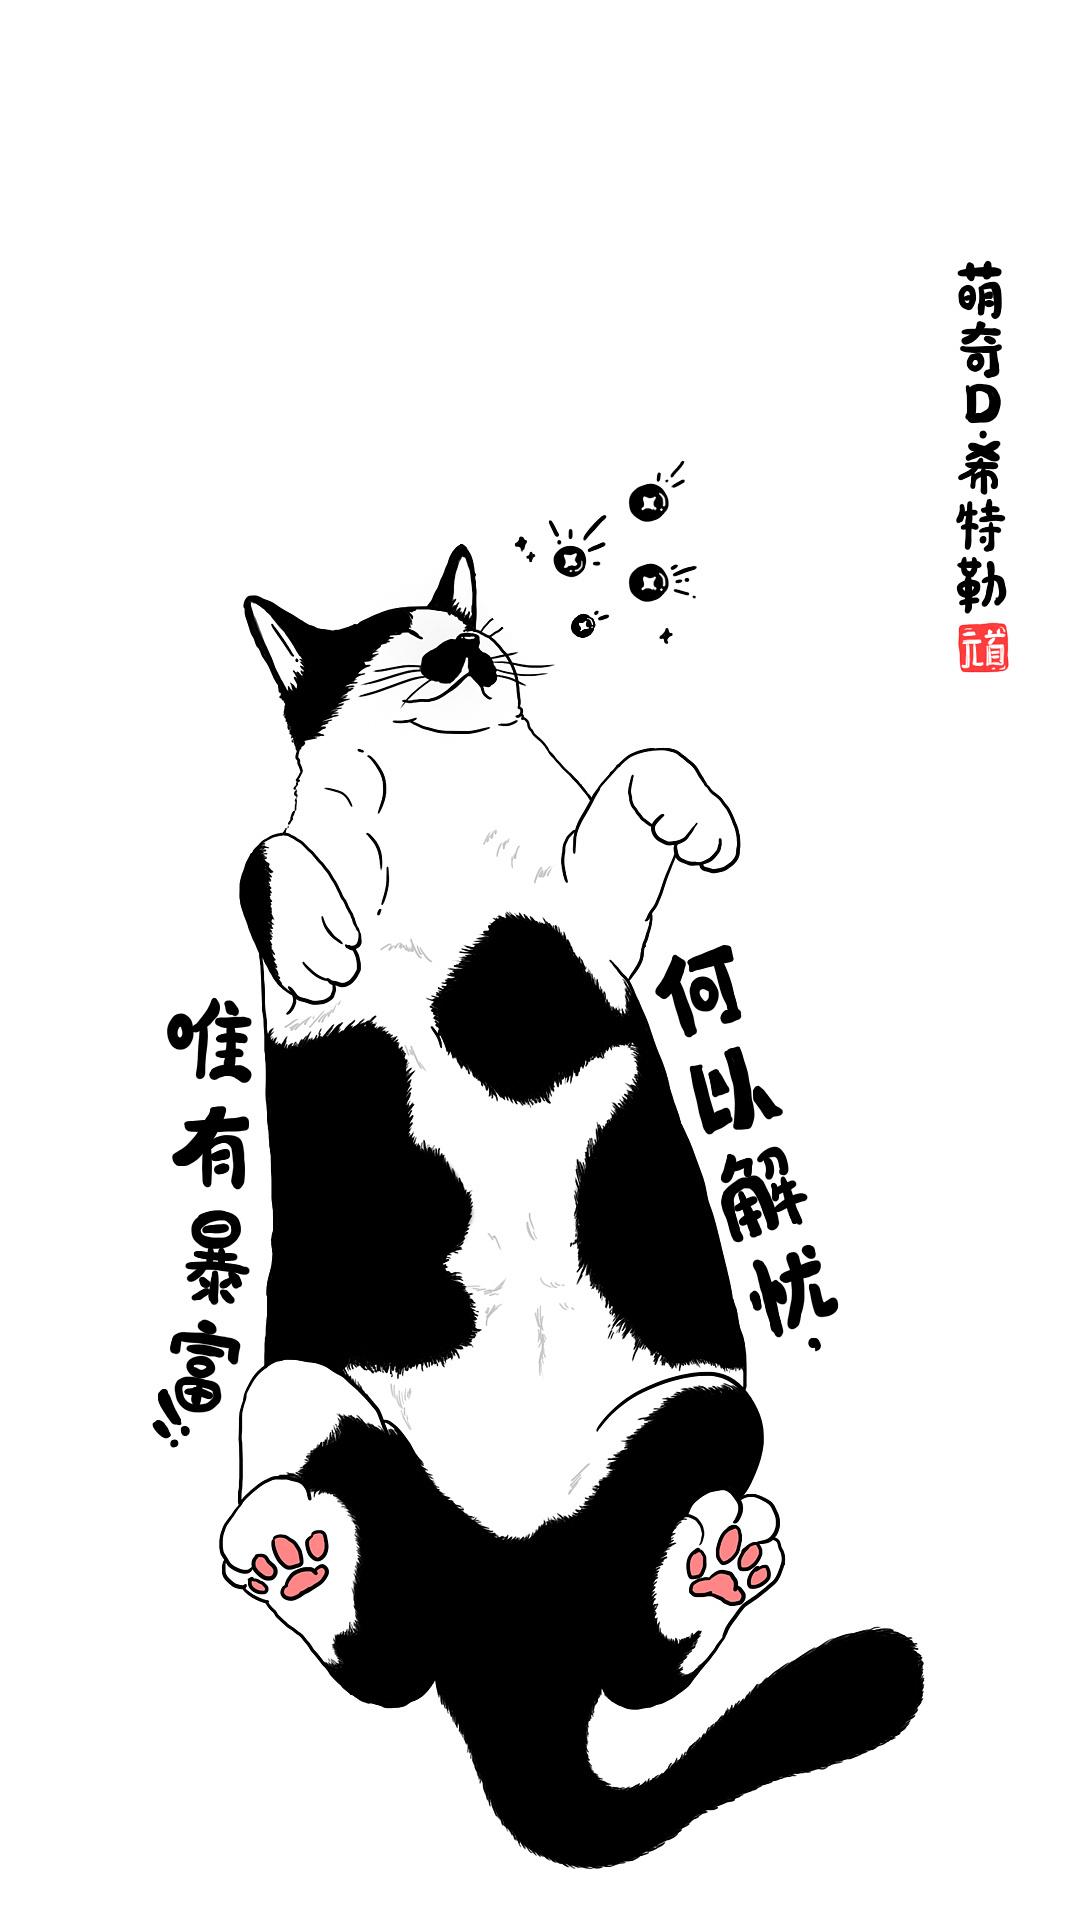 萌奇D.希特勒|胖子|动漫肖像|翻滚中的漫画-原漫画禁图娜美图片